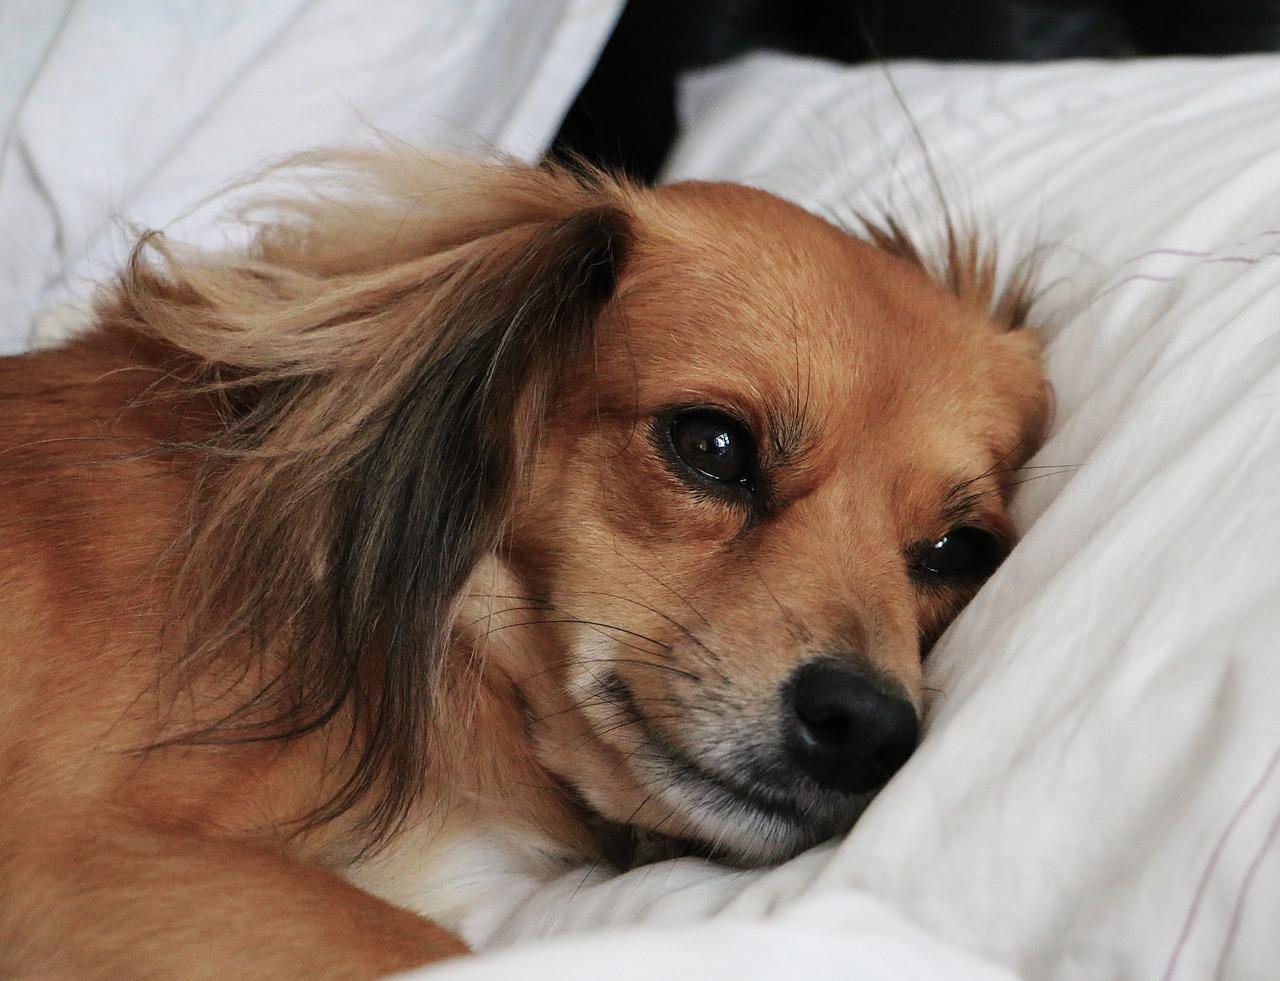 Si tu perro tiembla has de averiguar por qué